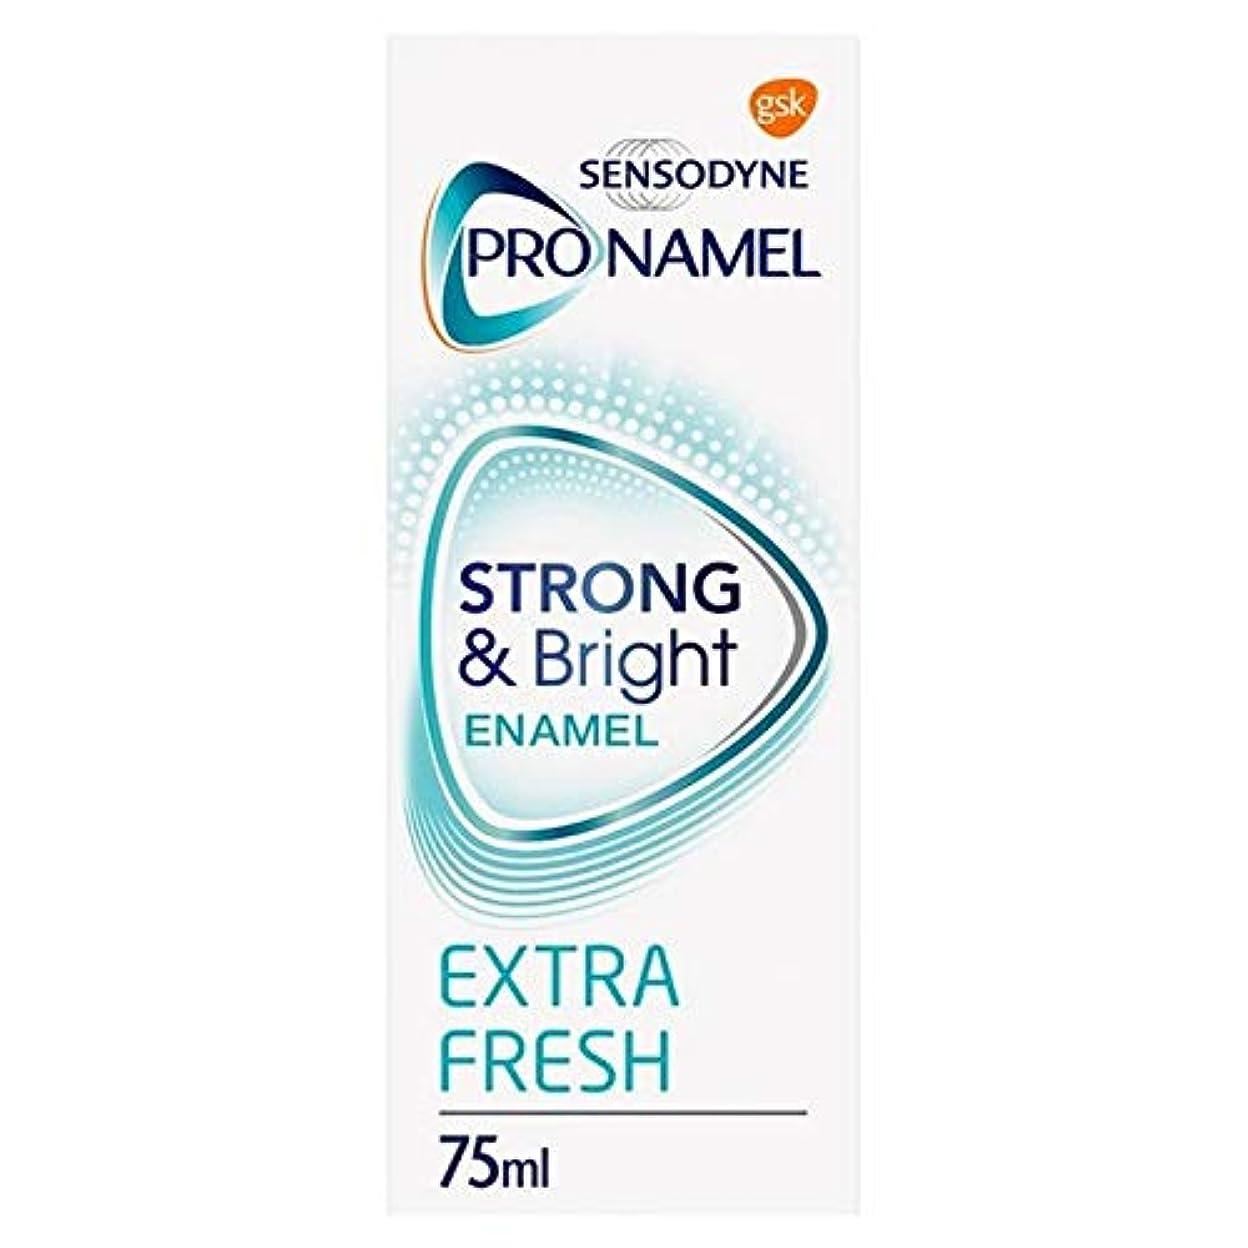 脚本家血まみれ刺す[Sensodyne] SensodyneのPronamel強い&ブライト歯磨き粉75ミリリットル - Sensodyne Pronamel Strong & Bright Toothpaste 75ml [並行輸入品]